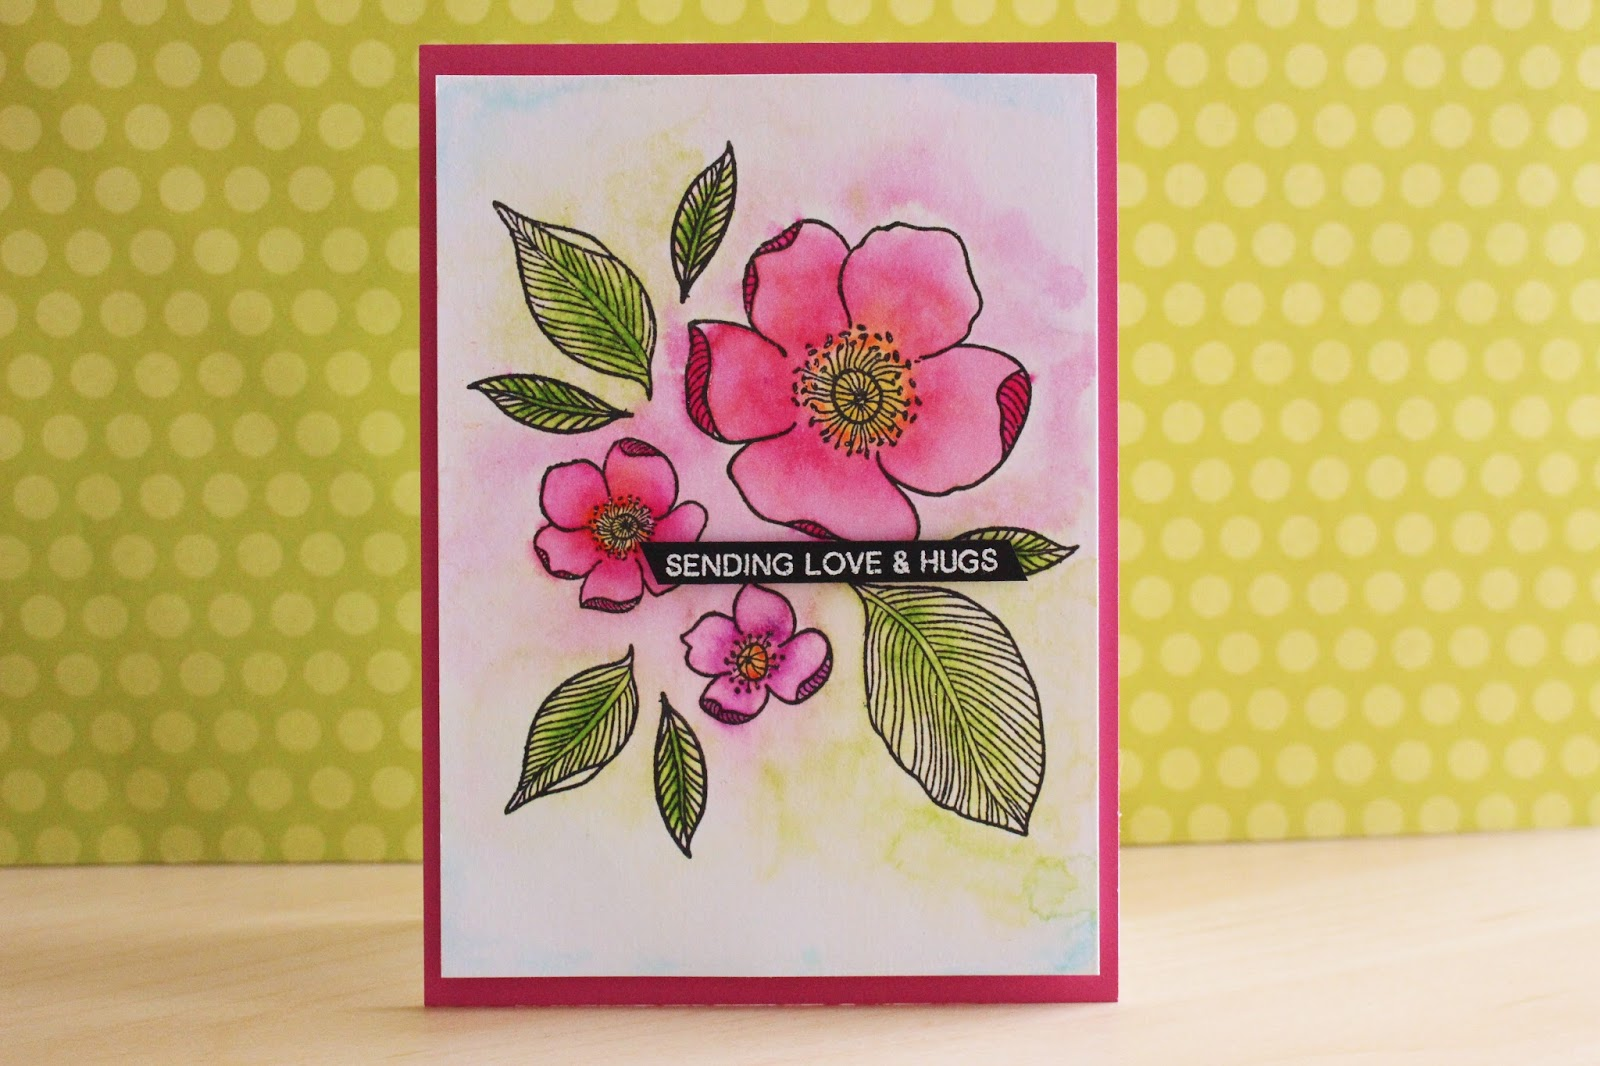 Sending Love And Hugs Video Ellas Cards